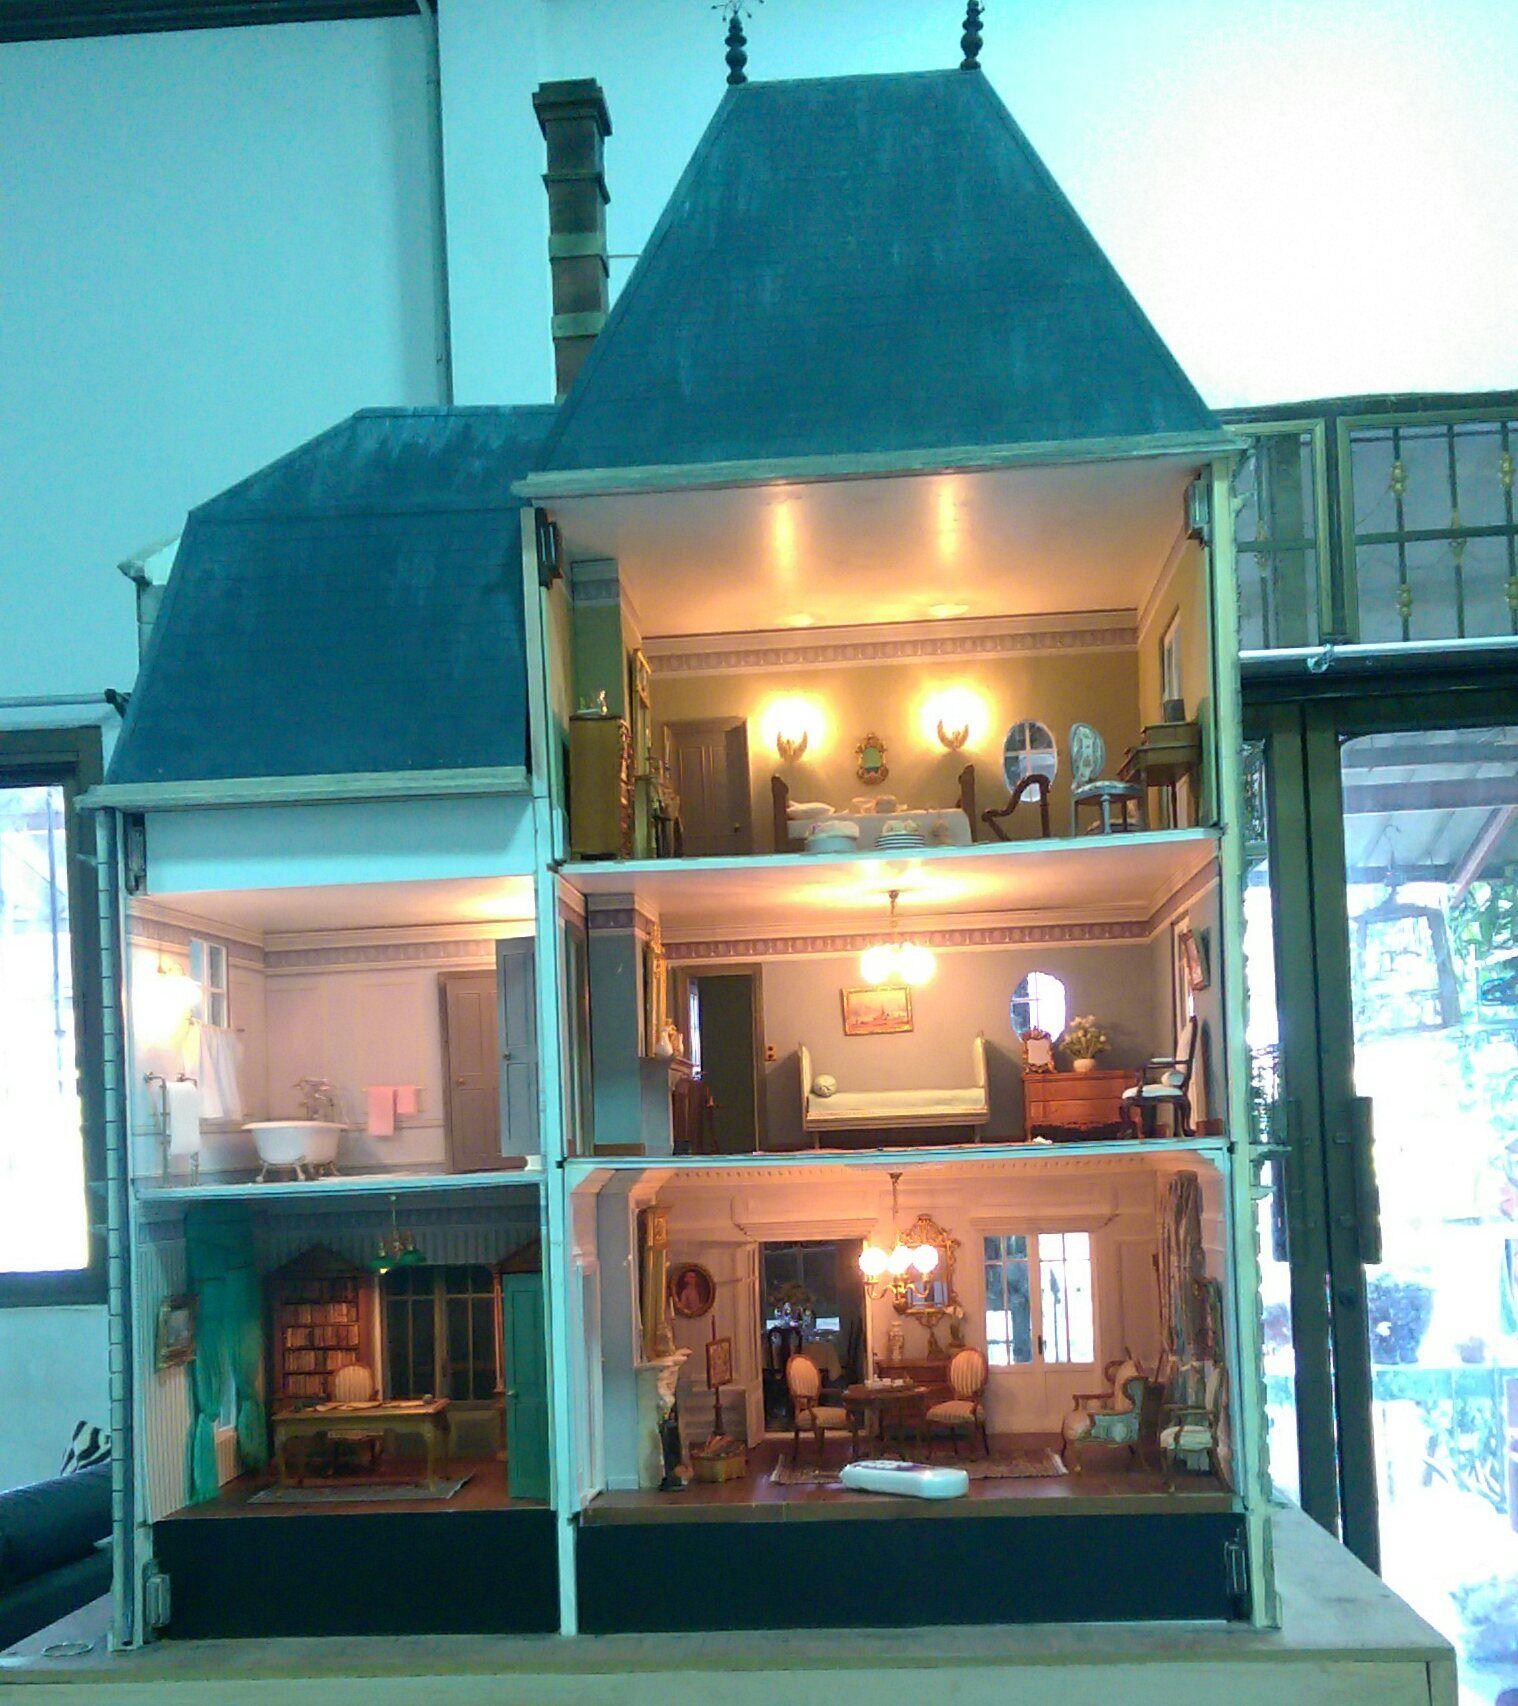 Épinglé par Patrick Duclou sur The villa | Maison de poupée, Maison miniature, Maison